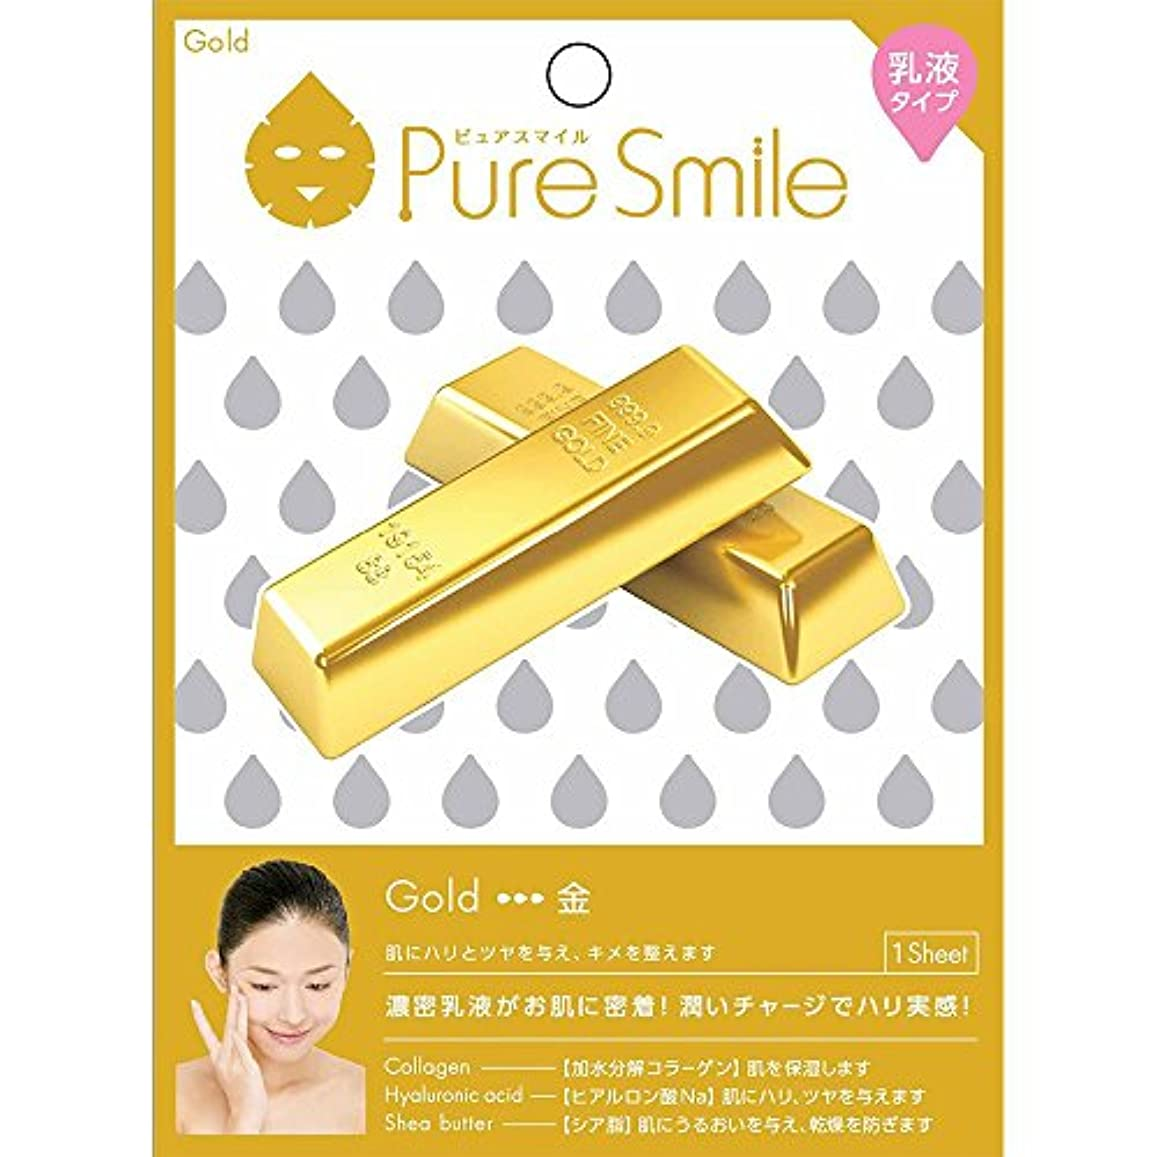 虐殺バッテリー薬理学Pure Smile(ピュアスマイル) 乳液エッセンスマスク 1 枚 金